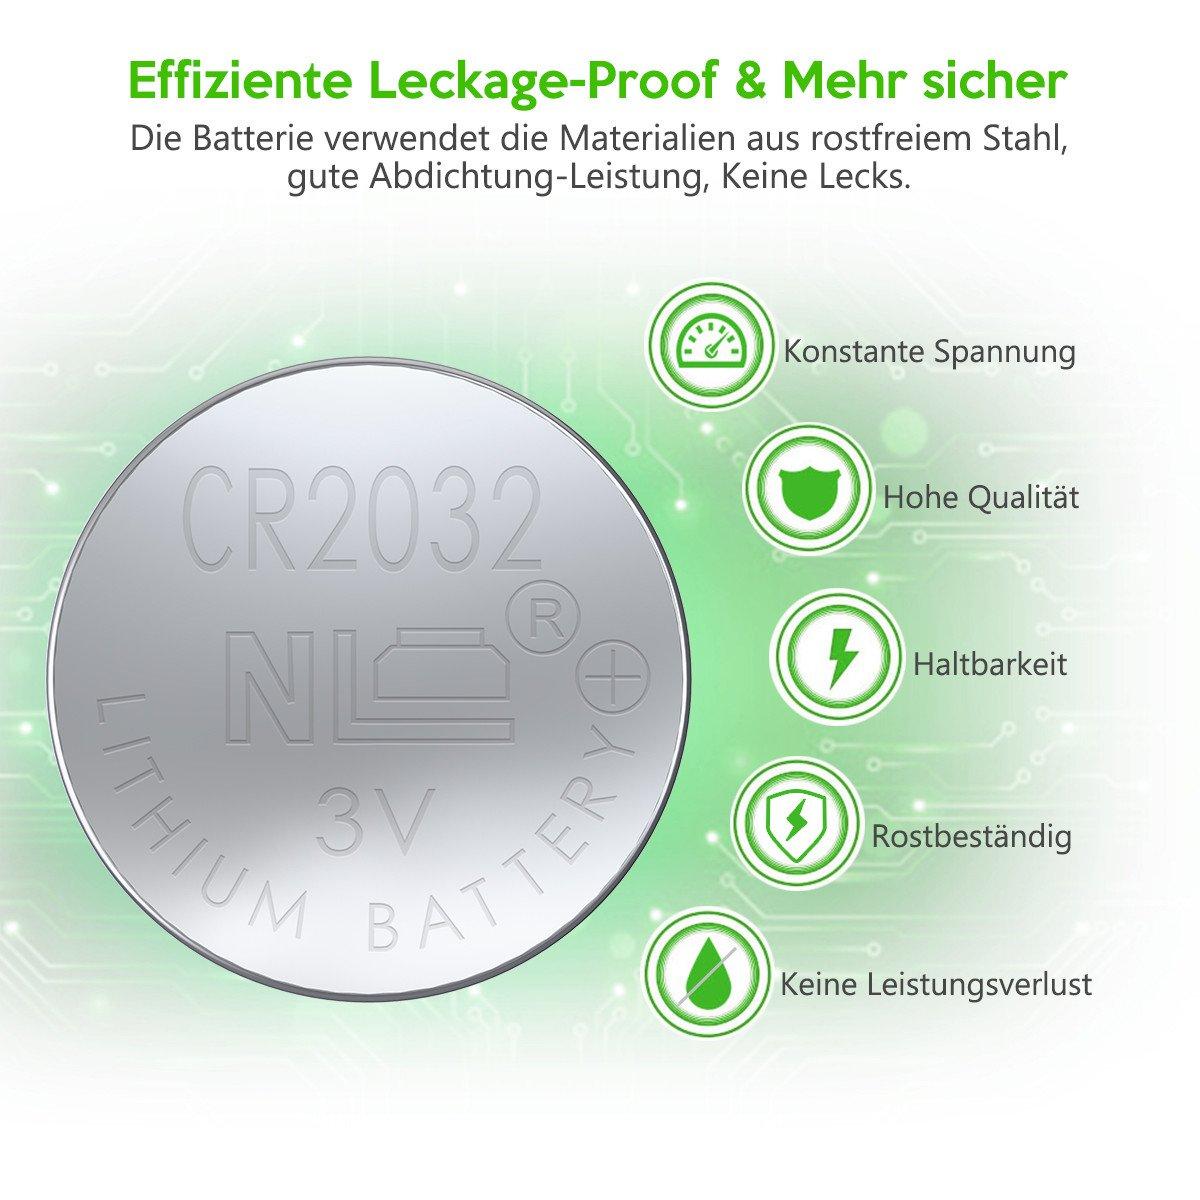 EBL 3V CR2032 DL2032 ECR2032 Kopfzelle Lithium Batterie 20 Stück